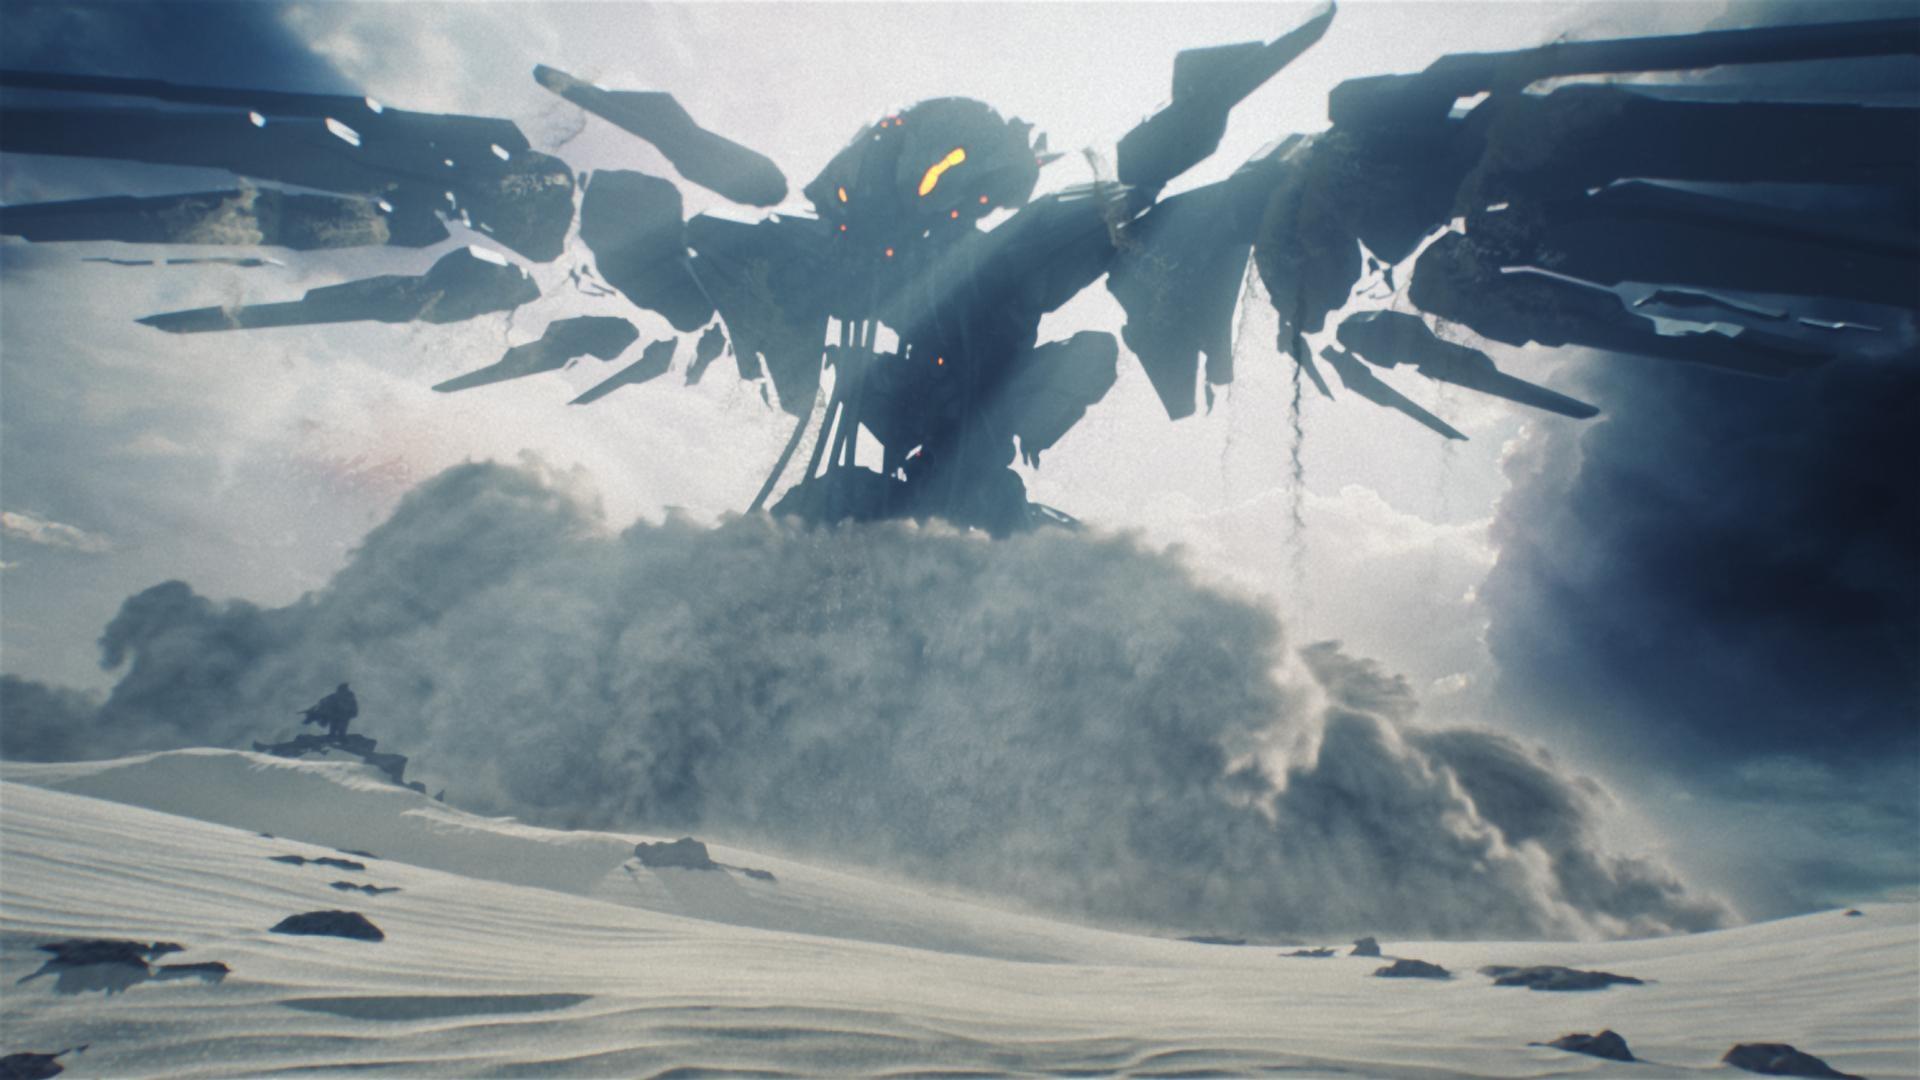 Halo 5 Guardians Wallpaper 1080p (81+ images)